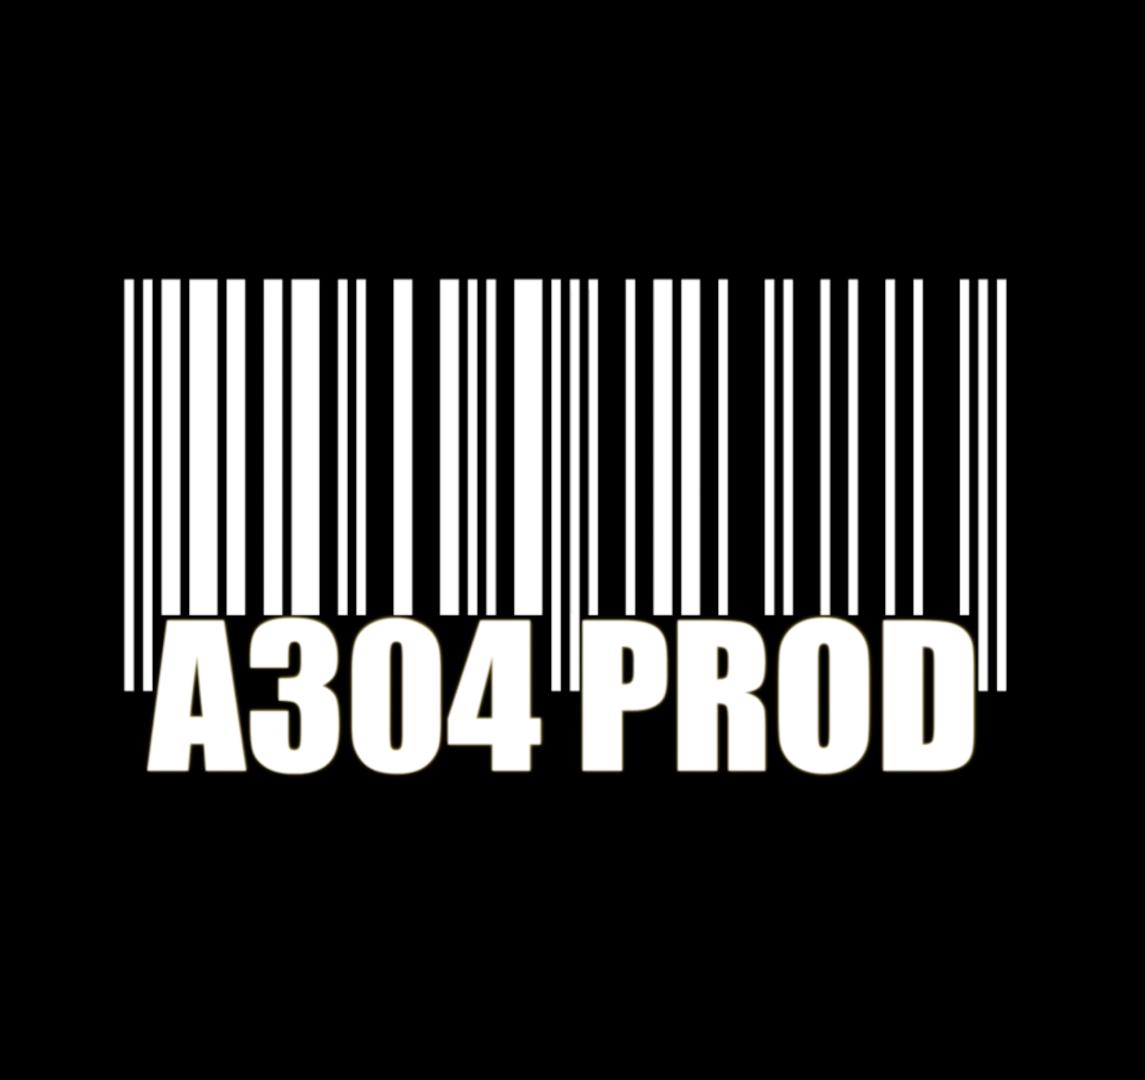 Association - A304 PROD